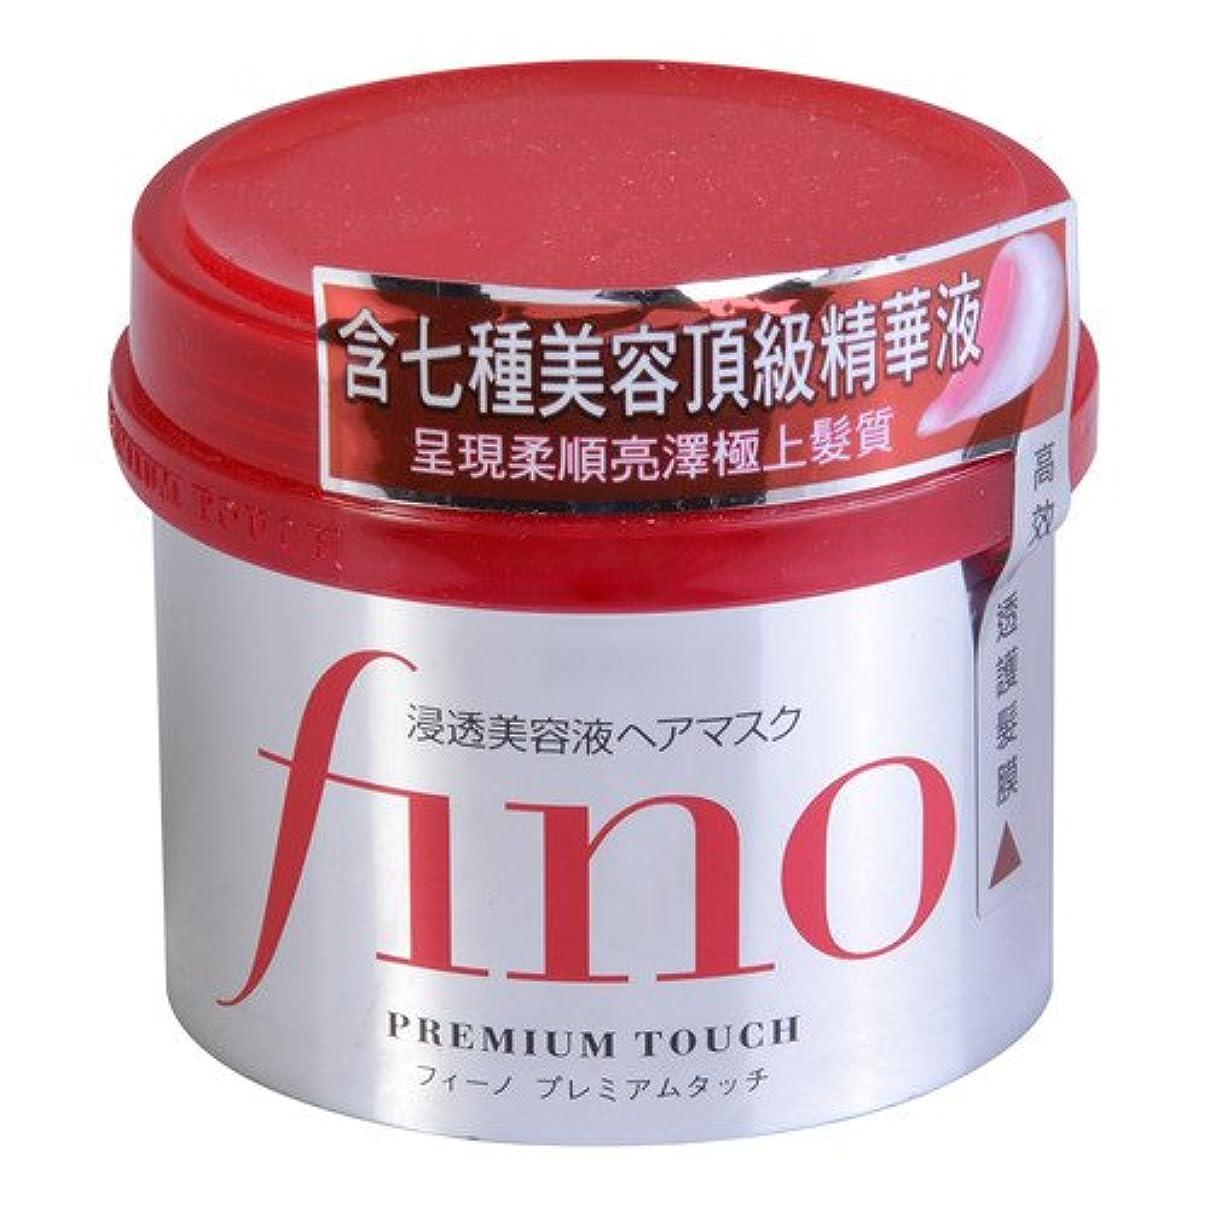 正確マラドロイト機転フィーノ プレミアムタッチ 浸透美容液ヘアマスク230g